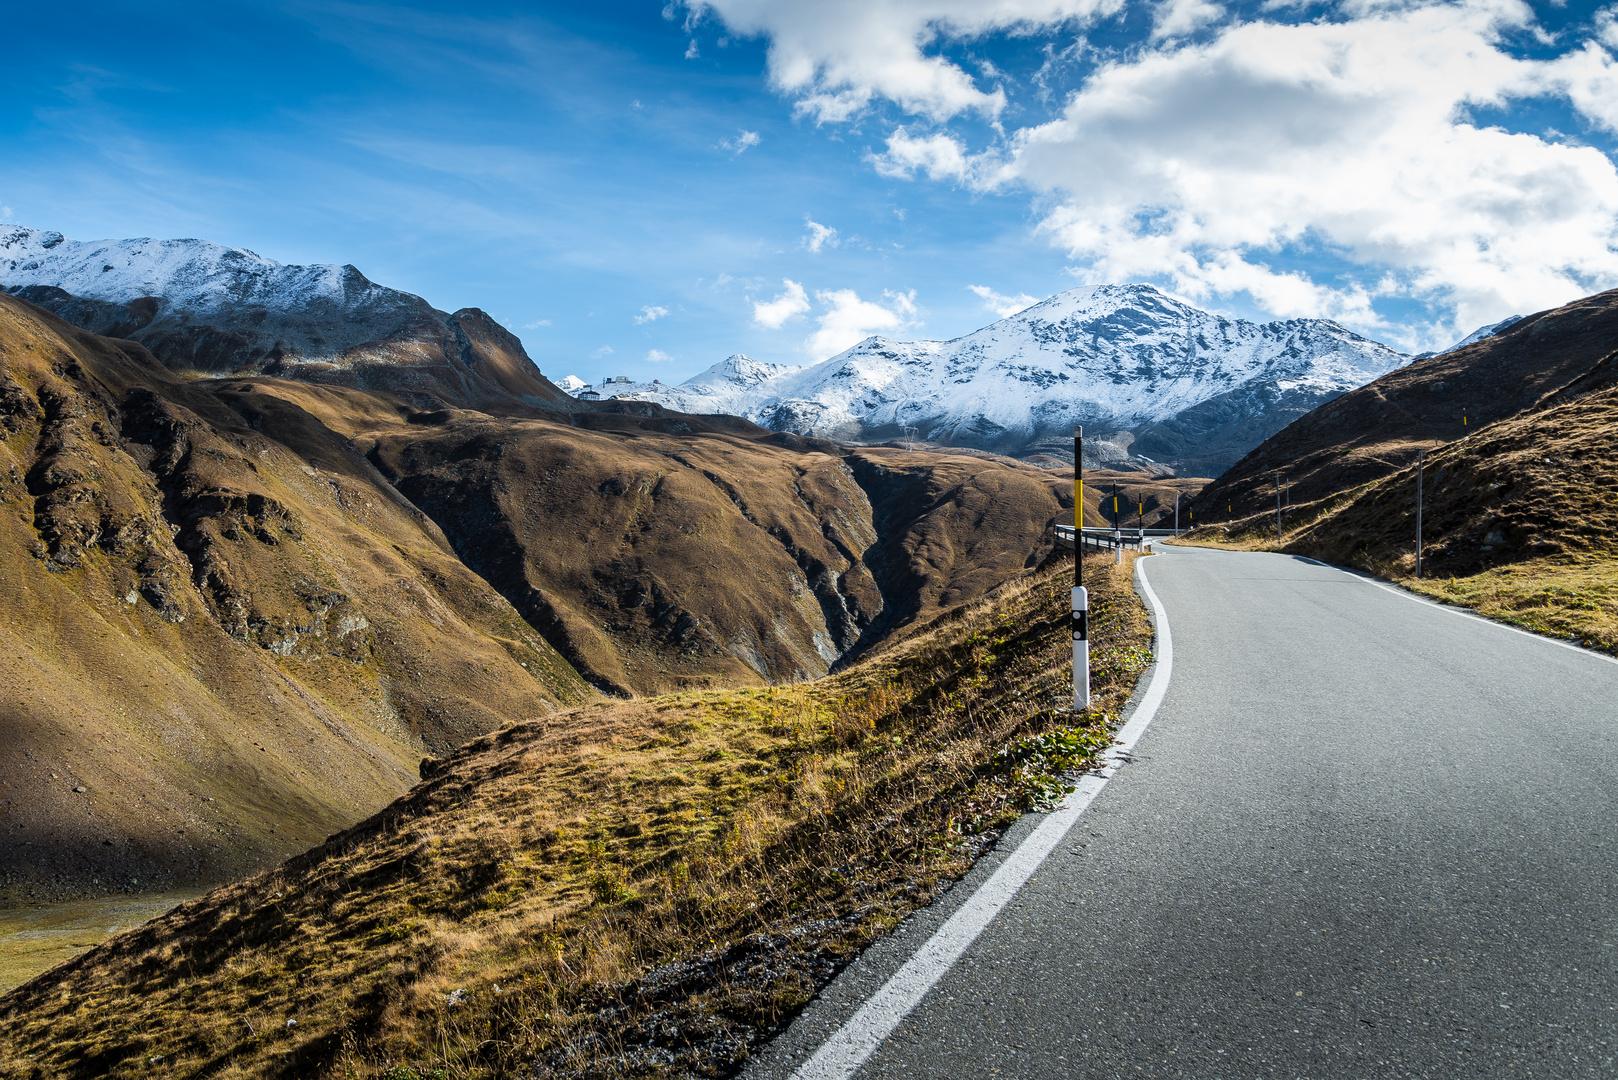 Blick auf das Stilsfer Joch - von der Schweiz aus Richtung Italien